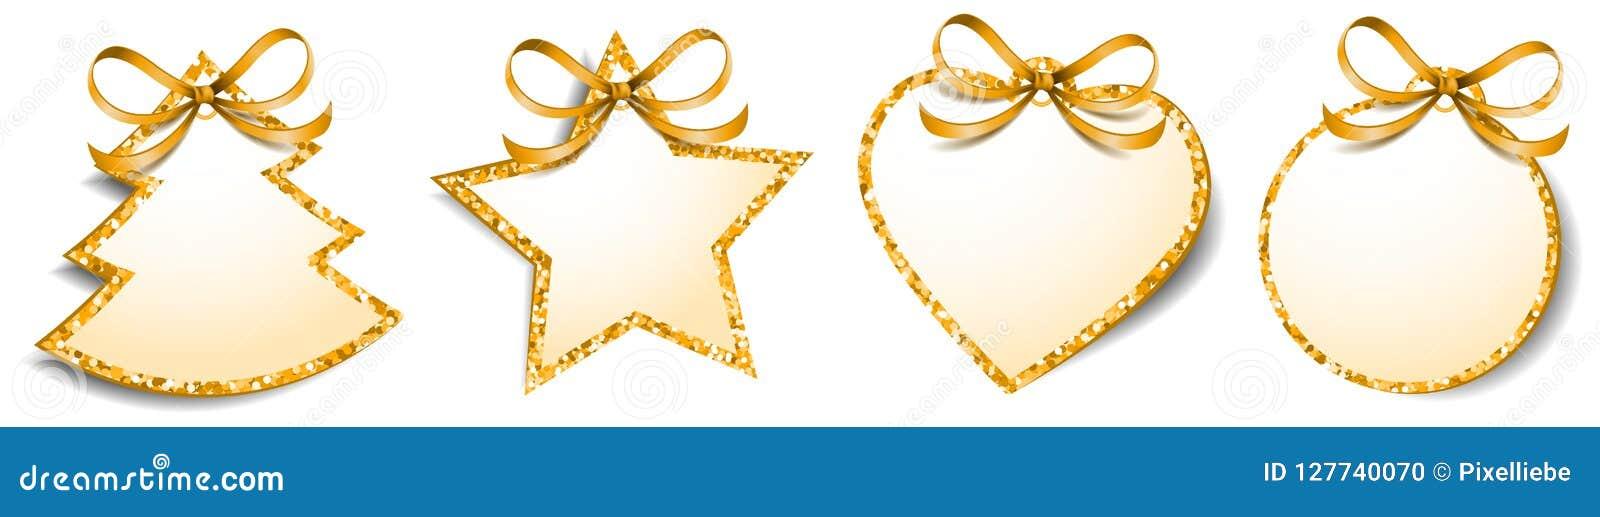 Il regalo di Natale etichetta il vettore isolato spazio in bianco dorato di scintillio delle etichette